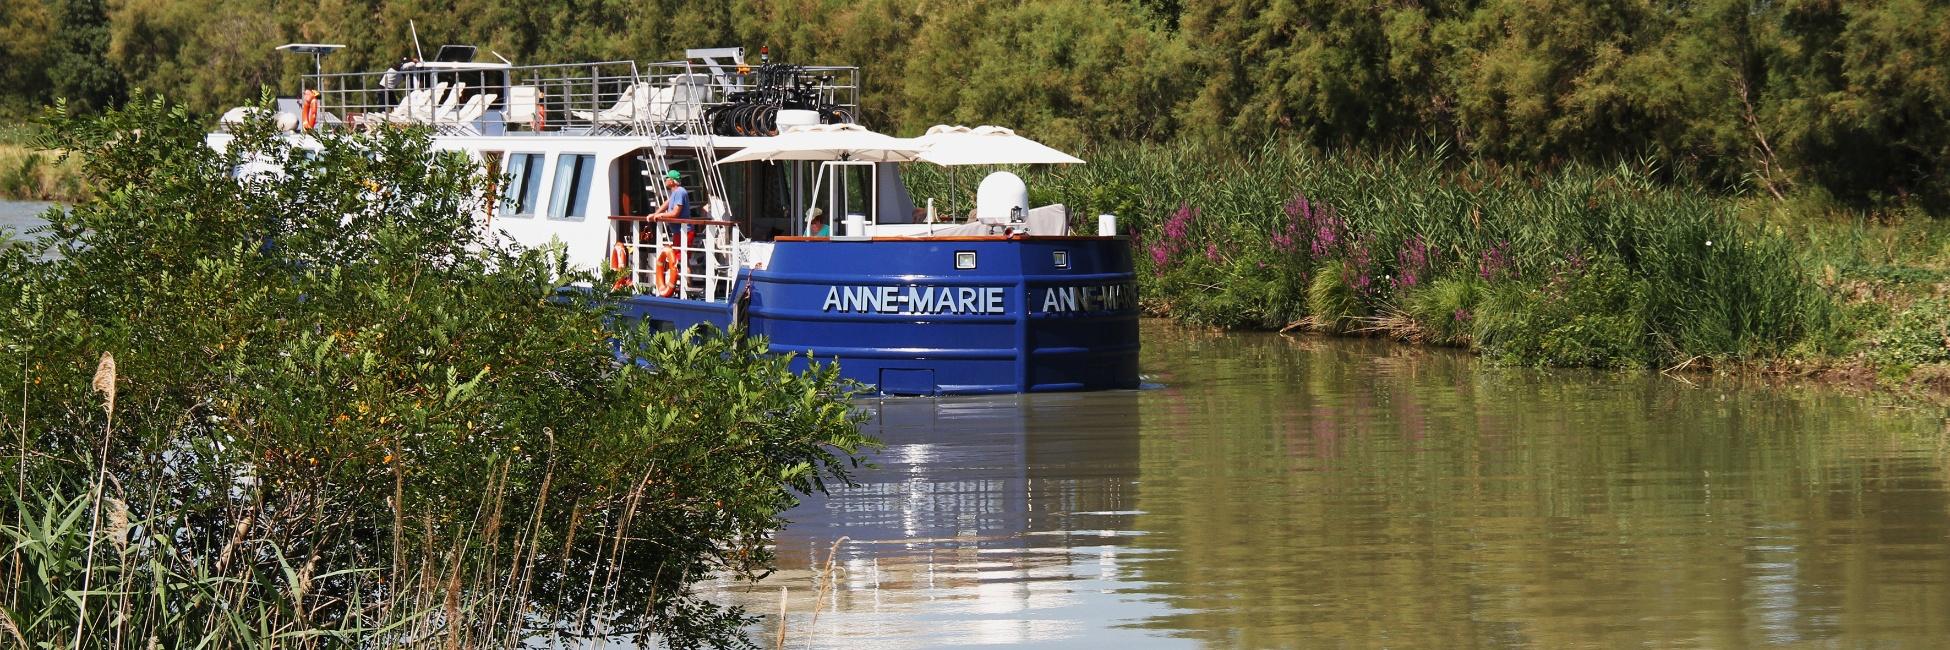 Péniche Anne-Marie en navigation